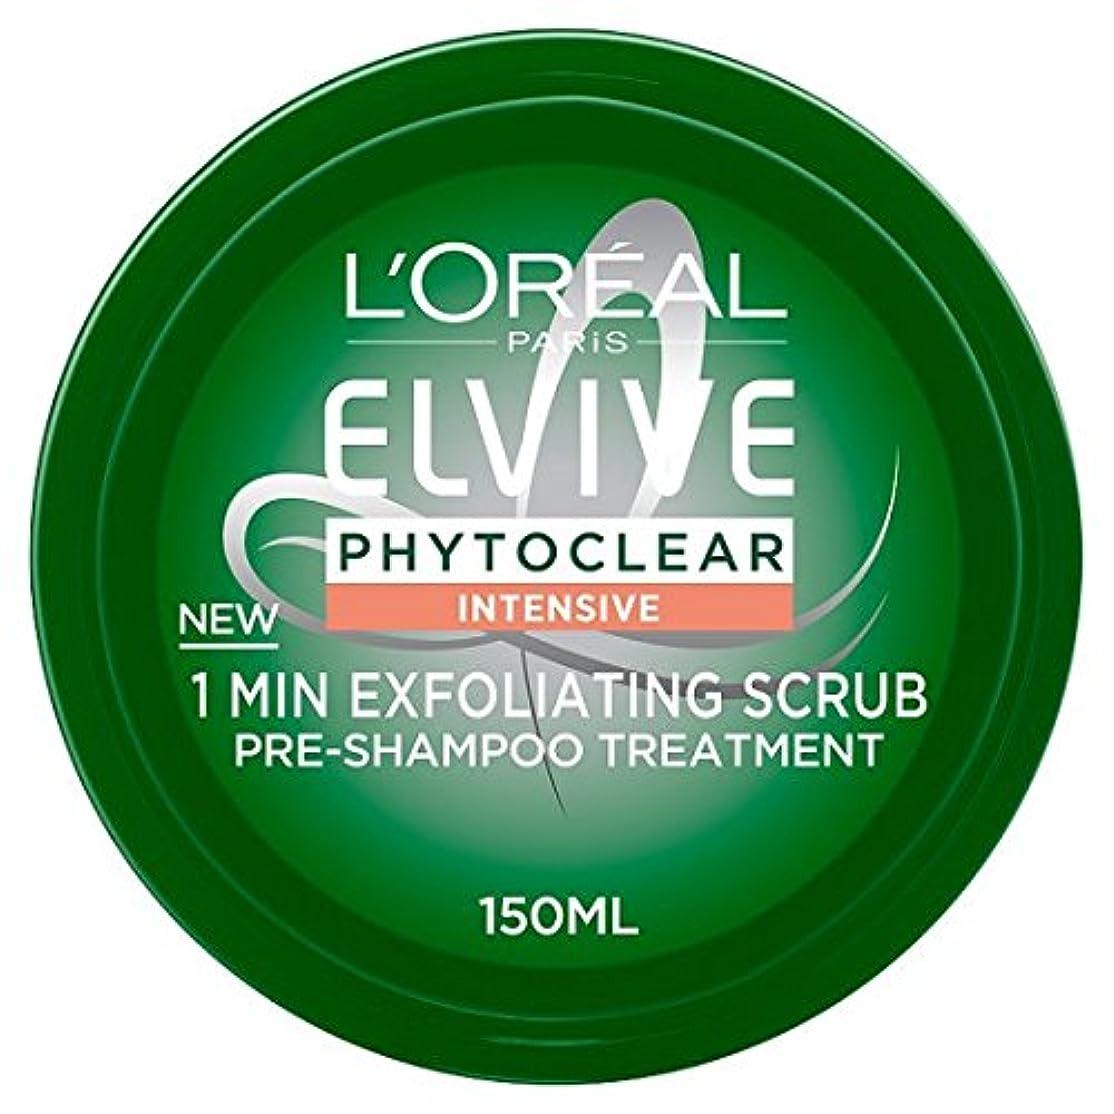 宿題お肉穿孔するL 'Oreal Elvive phytoclear Shampoo Scrub 150 ml